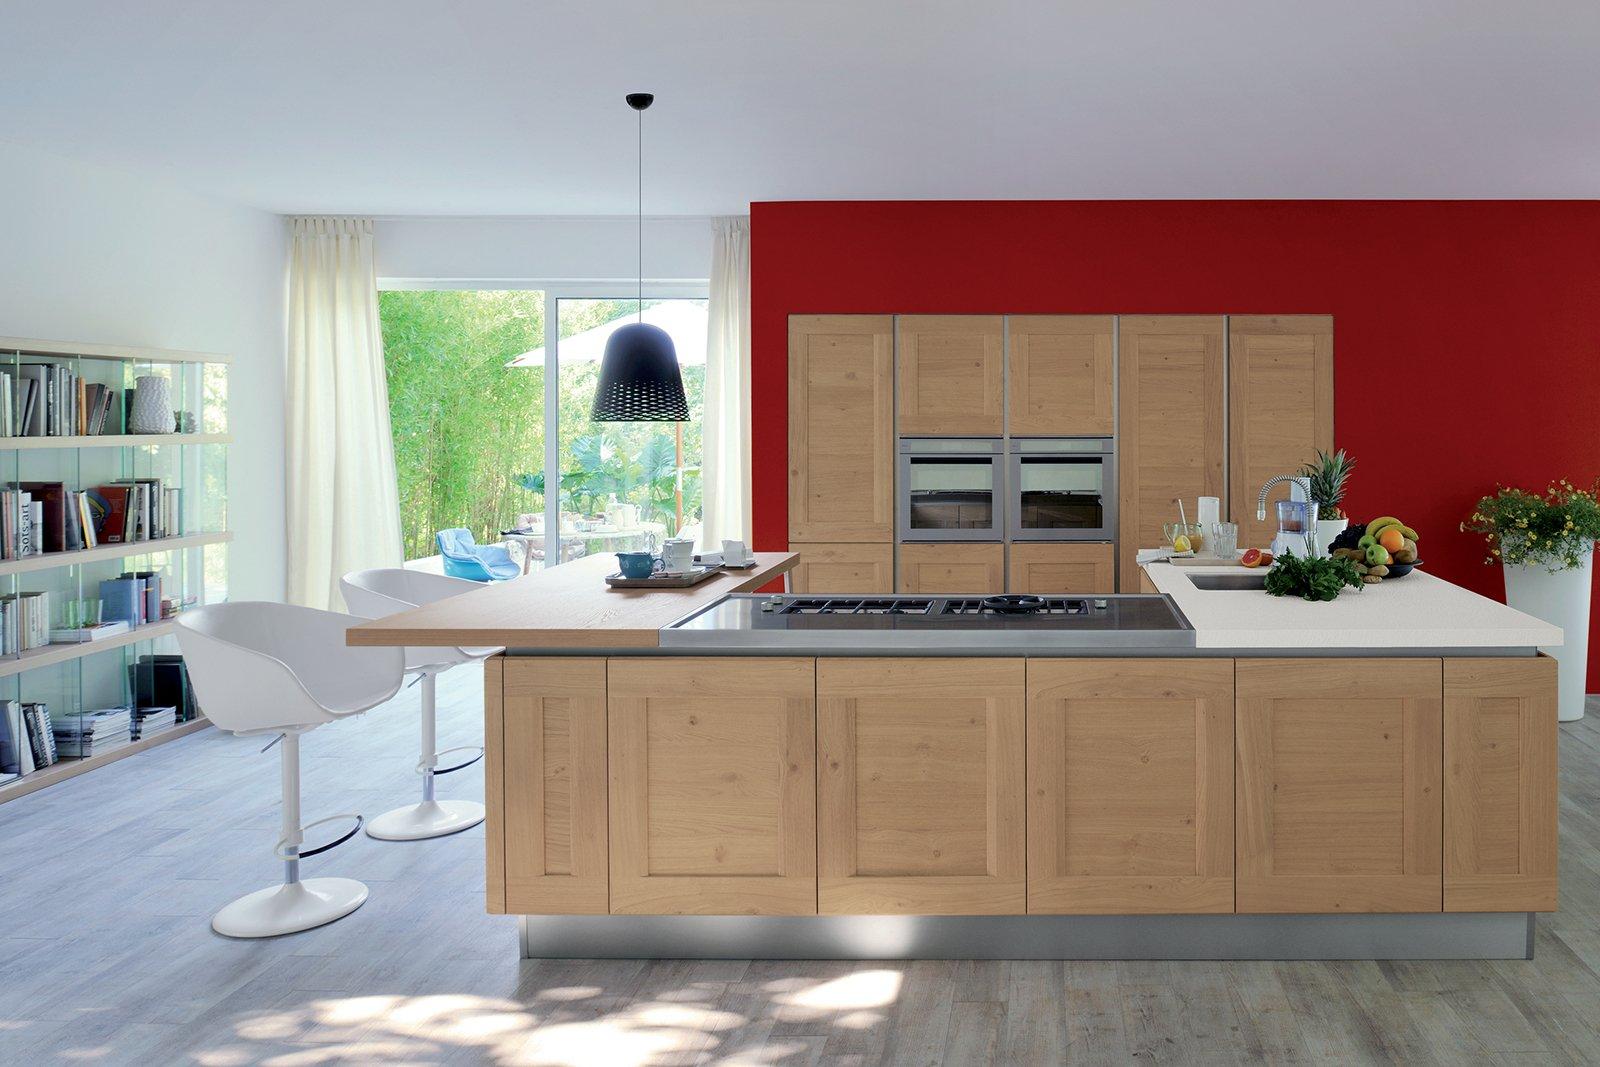 Cucine con anta bugnata cose di casa - Cucine veneto produzione ...